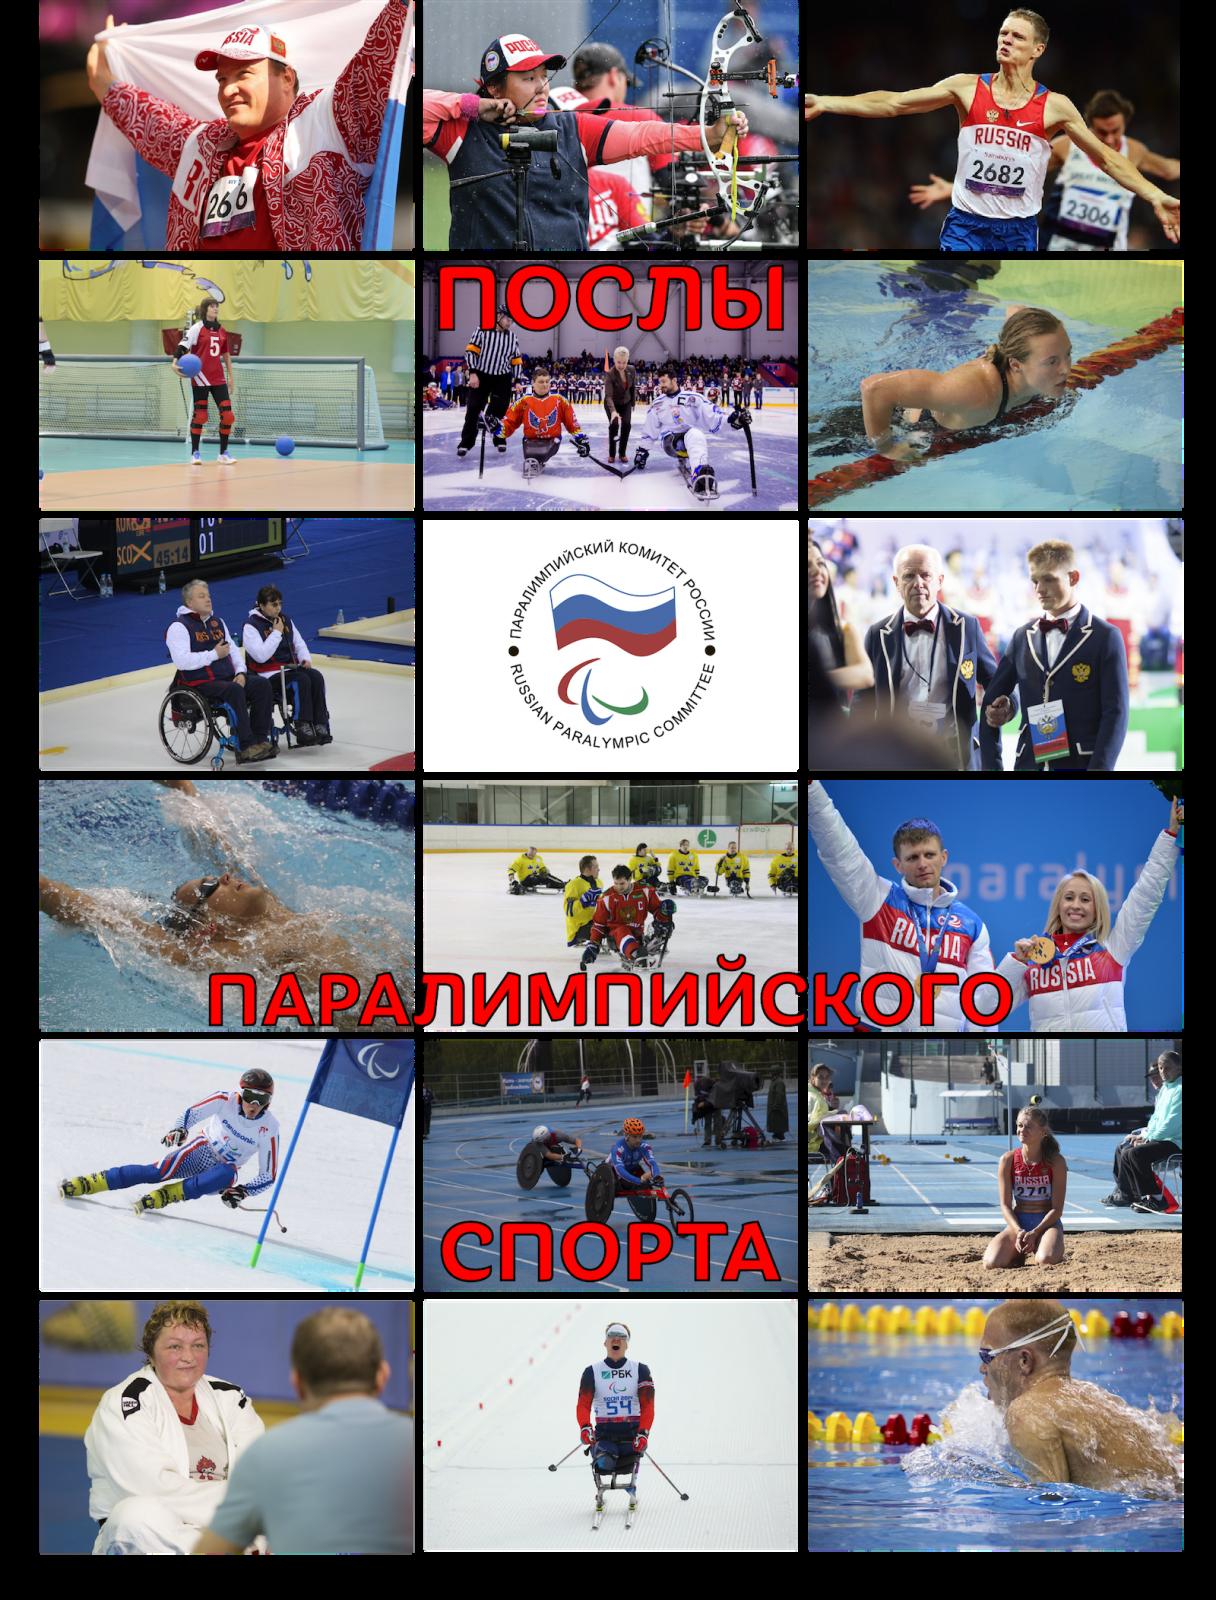 Паралимпийский комитет России представляет Послов паралимпийского спорта